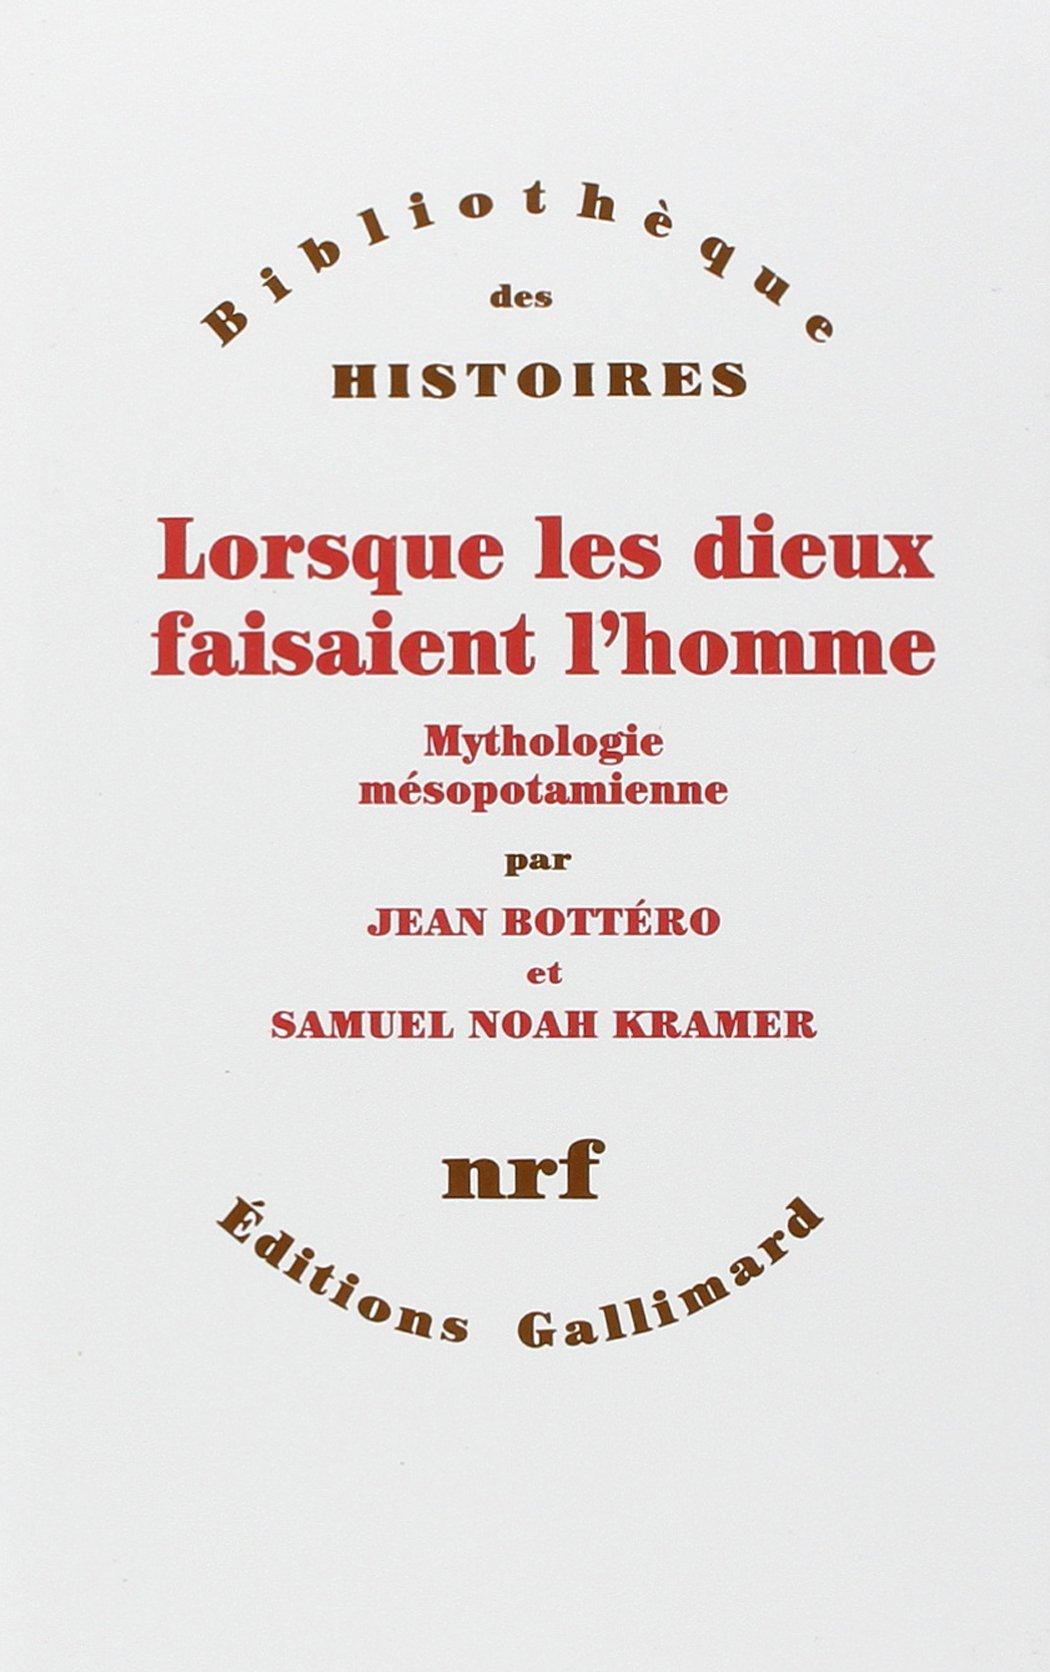 BOTTÉRO, J. ; KRAMER, S. N. Lorsque les dieux faisaient l'homme: Mythologie Mésopotamienne. Paris: Gallimard, 1993, 755 p.